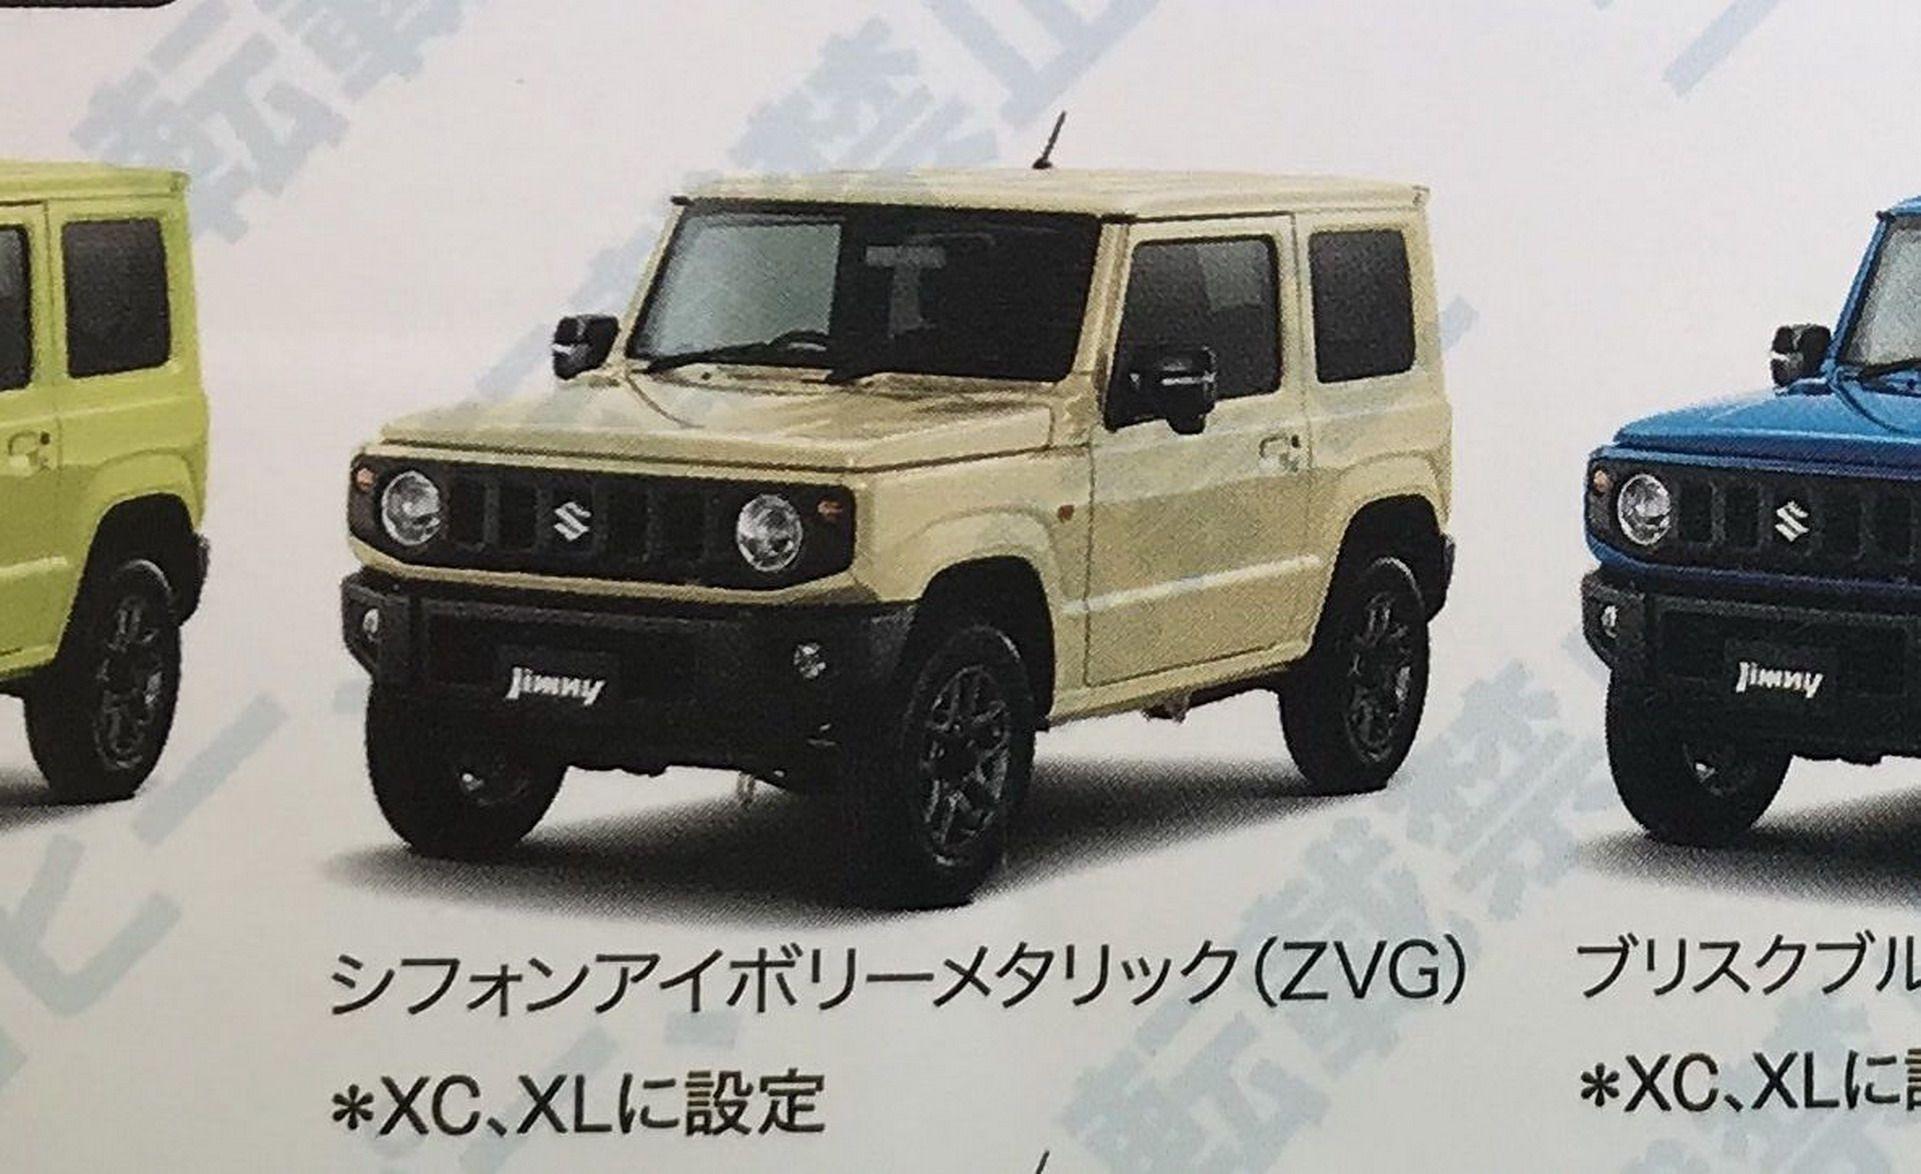 Suzuki_Jimny_leaked_0005